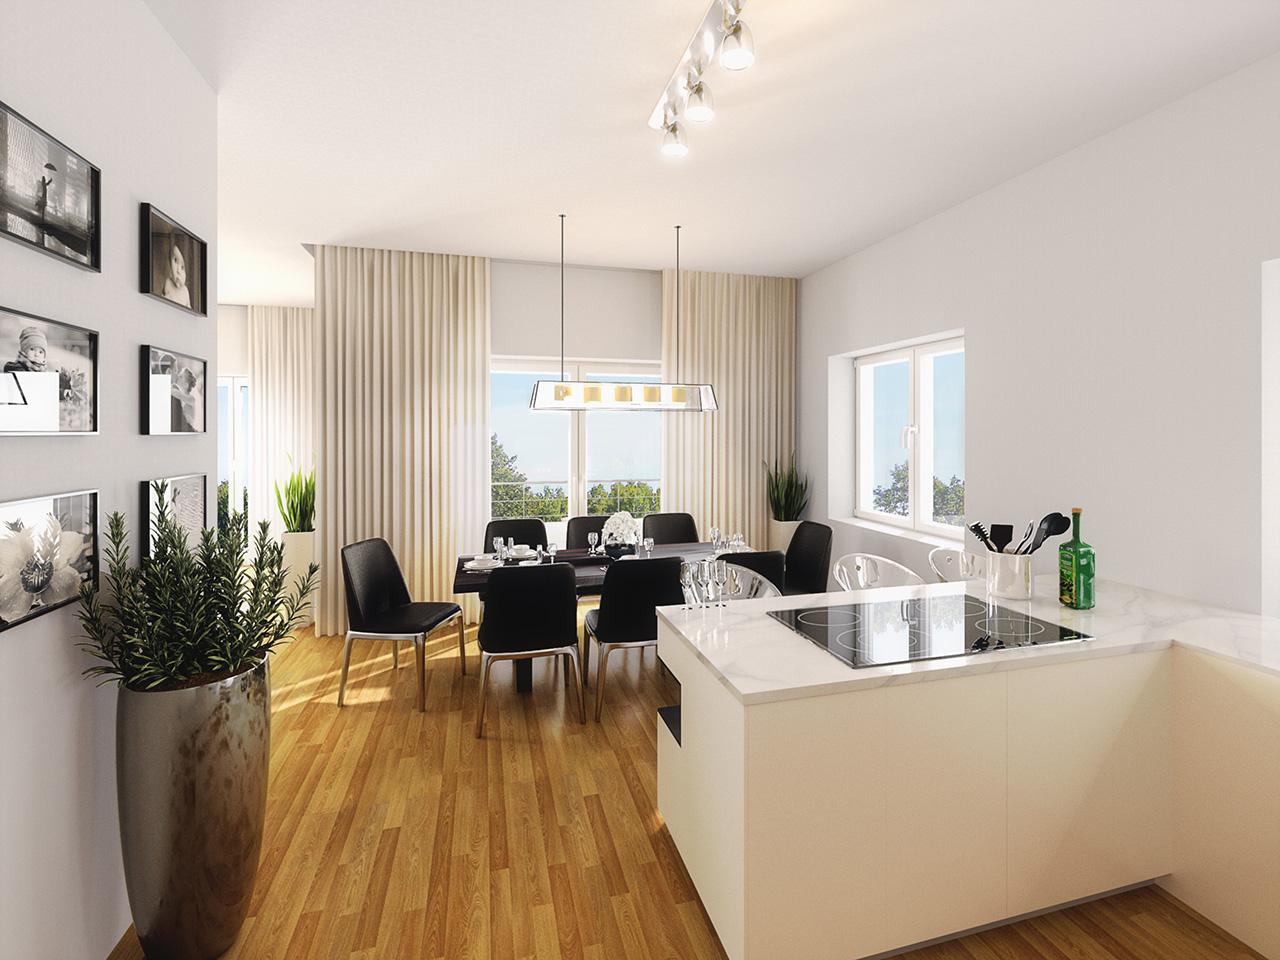 Parkwohnungen Carlshöhe Küche & Essbereich | LOOQ-MEDIA